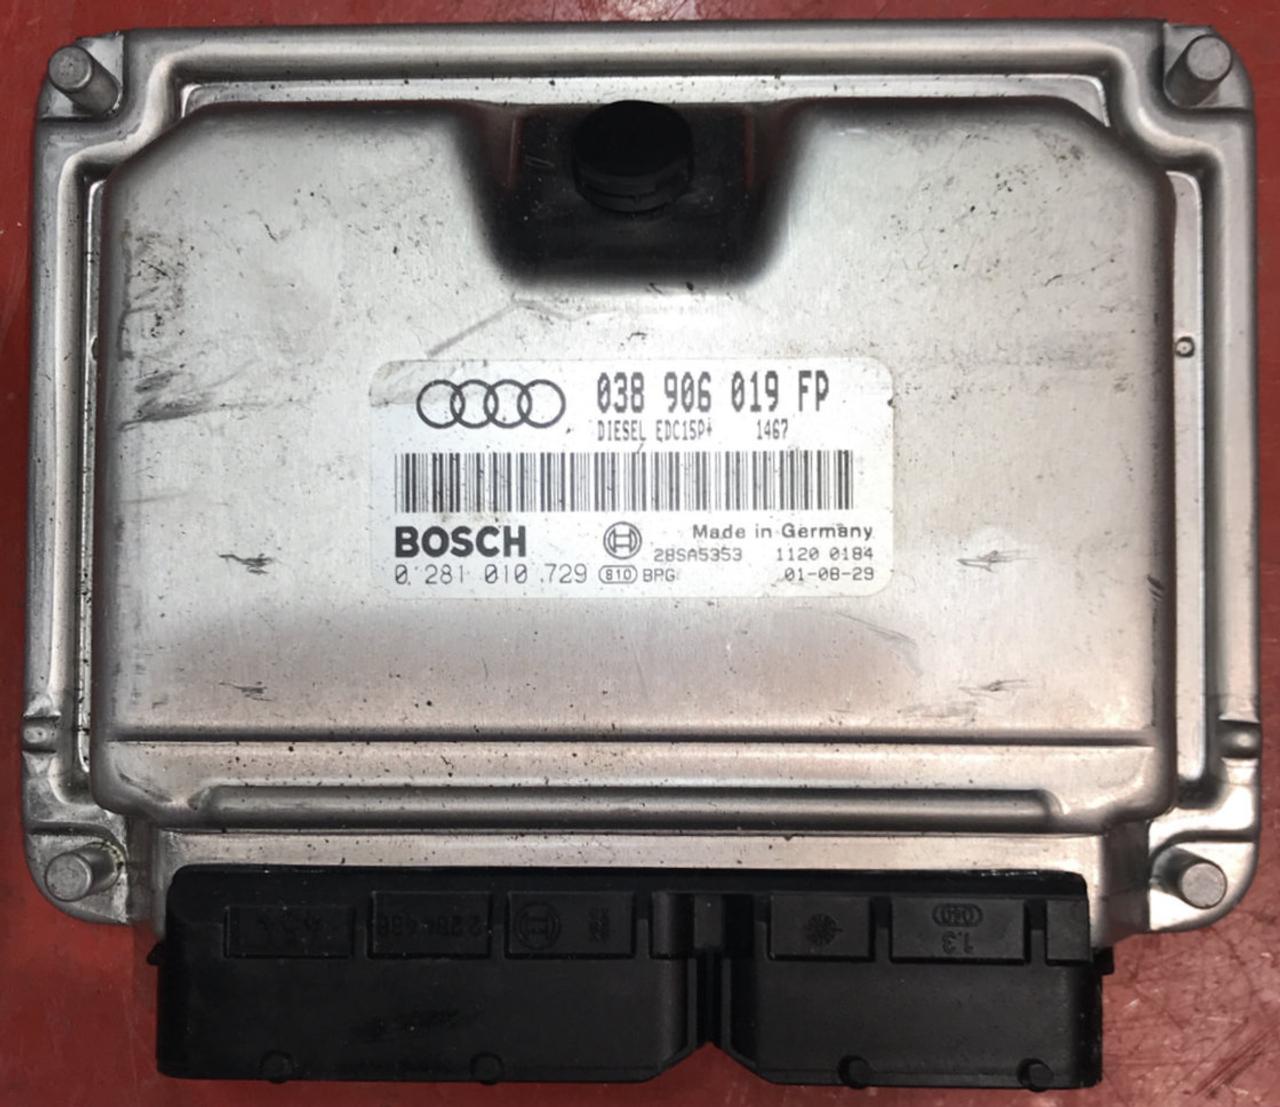 Audi A4 1.9 TDI, 0281010729, 0281 010 729, 038906019FP, 038 906 019 FP, EDC15P+